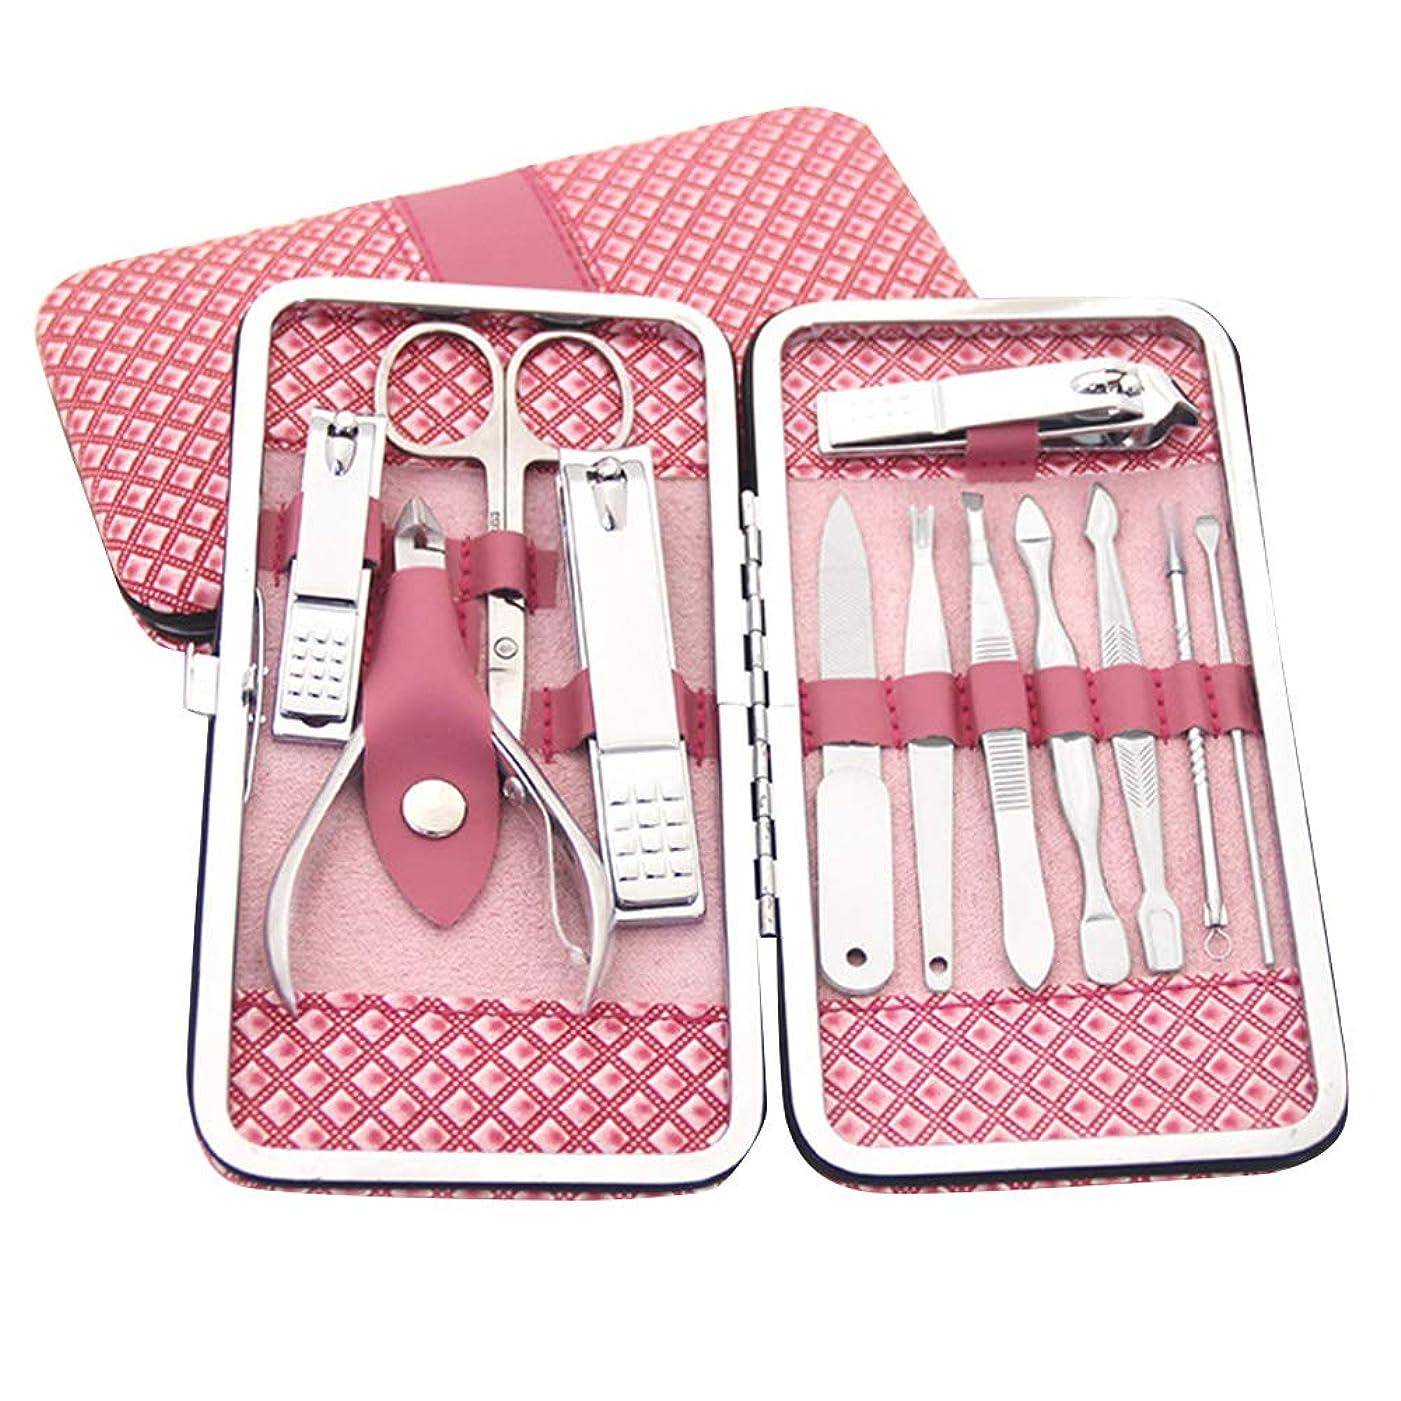 勘違いする今晩クッションSnner 爪切りセット ネイルケアセット12点セット 爪の爪切りセット 爪切り 爪磨き 高級感 収納箱携帯 旅行用 贈り物 ピンク